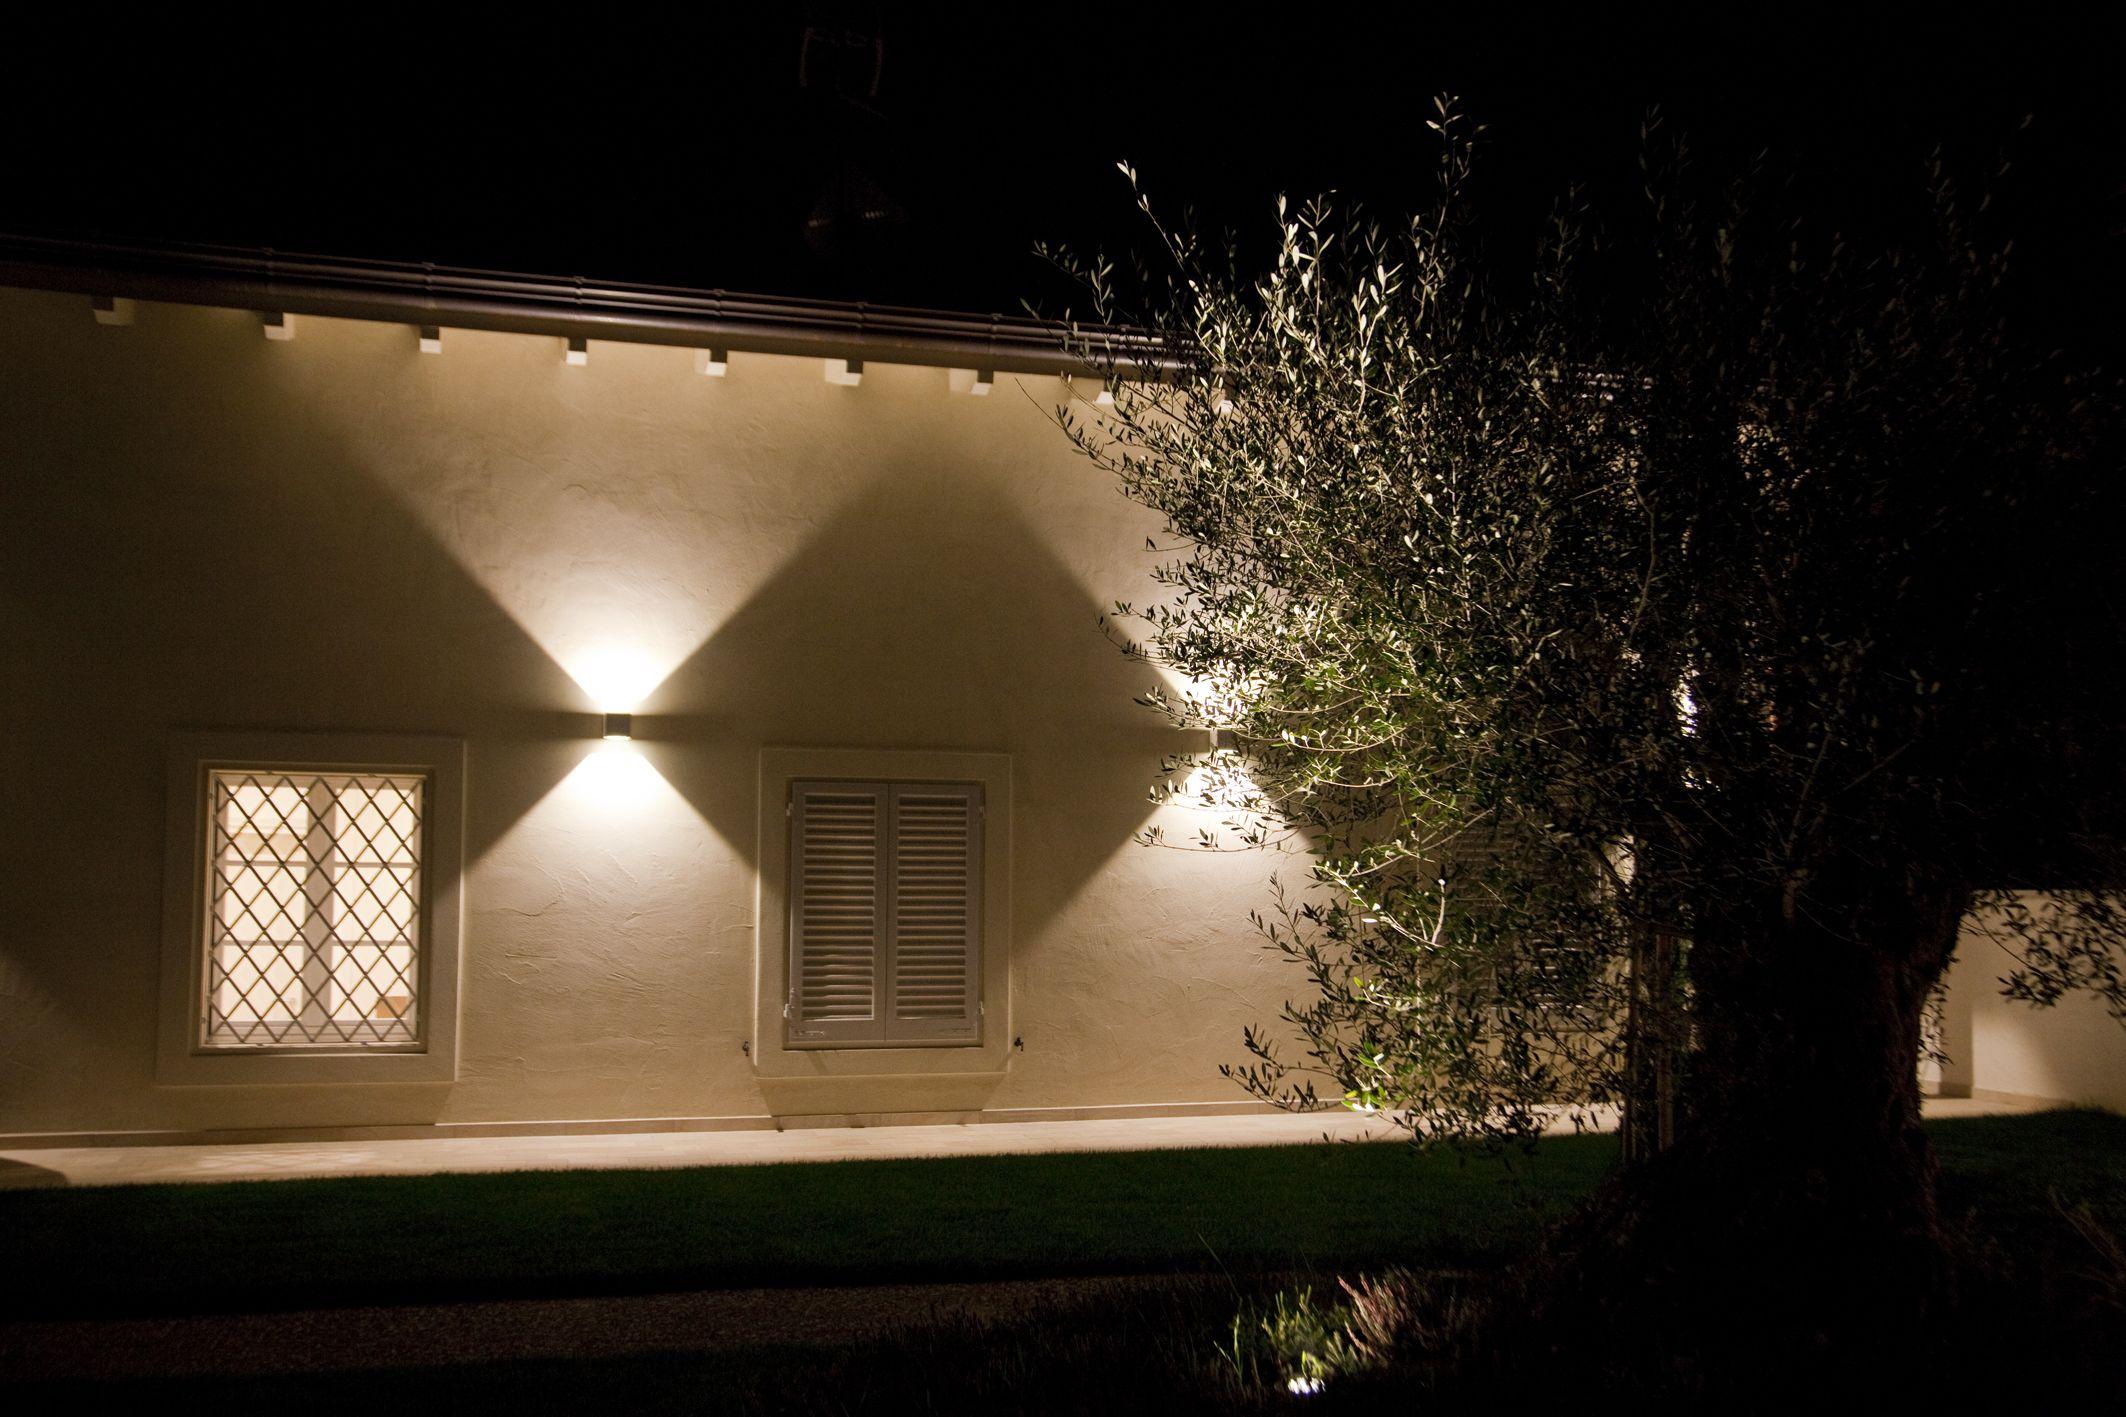 Eclairage Exterieur Des Effets De Lumiere Fascinants Grace Aux Appliques Murales Cube De Concord By Fei Eclairage Exterieur Led Eclairage Exterieur Eclairage